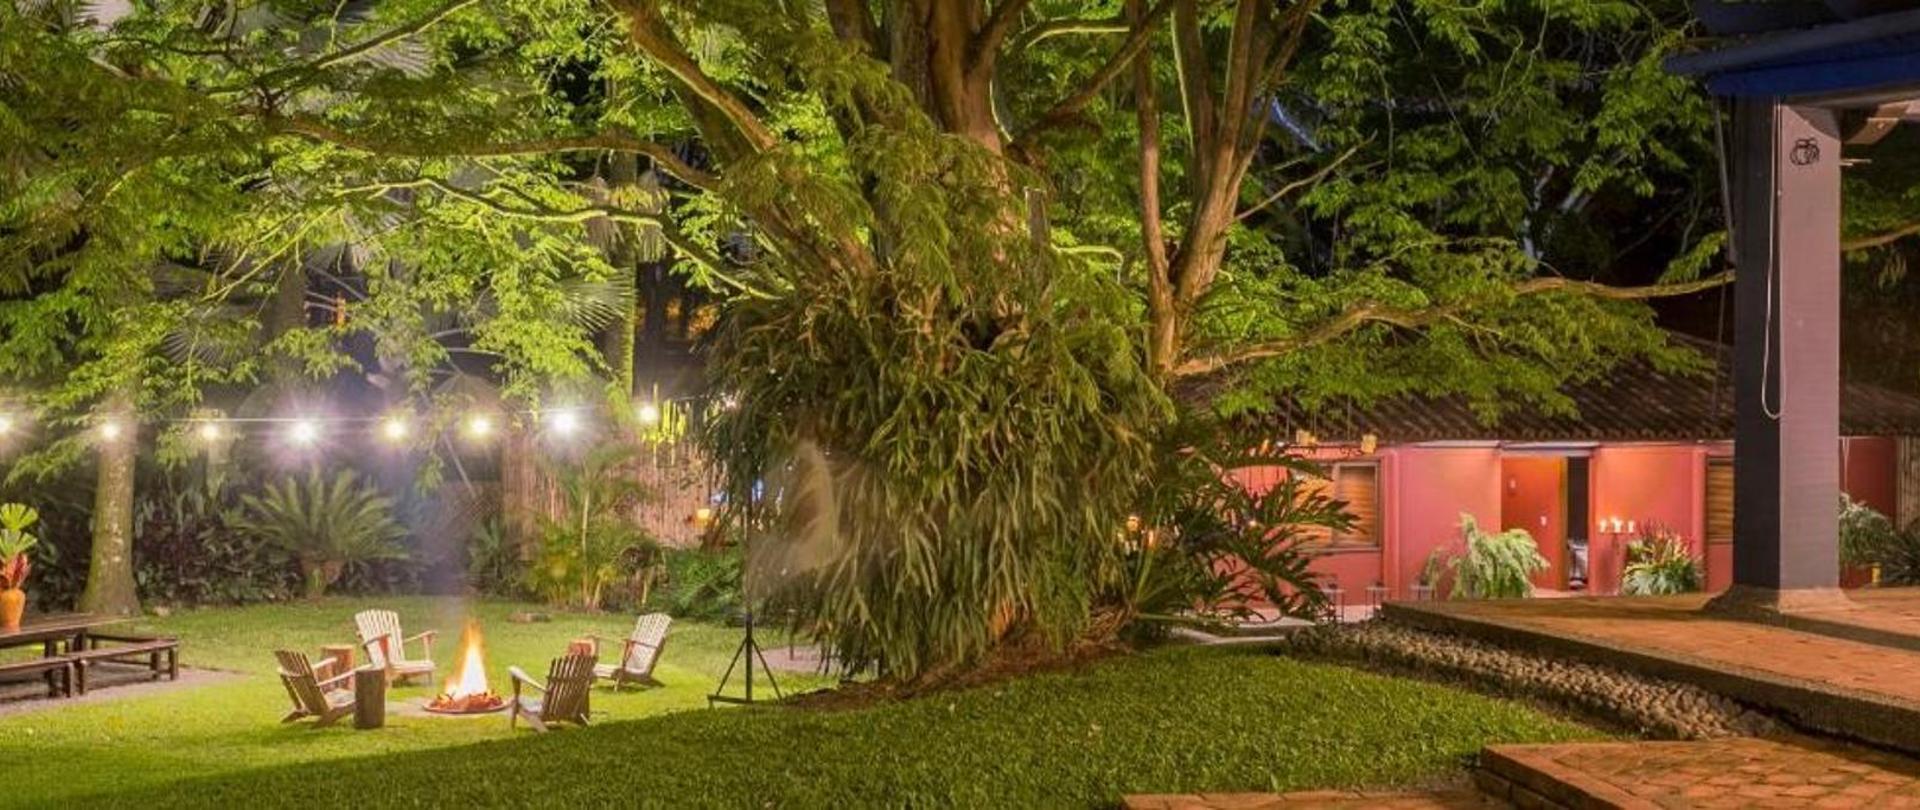 Nuestro jardin..jpg